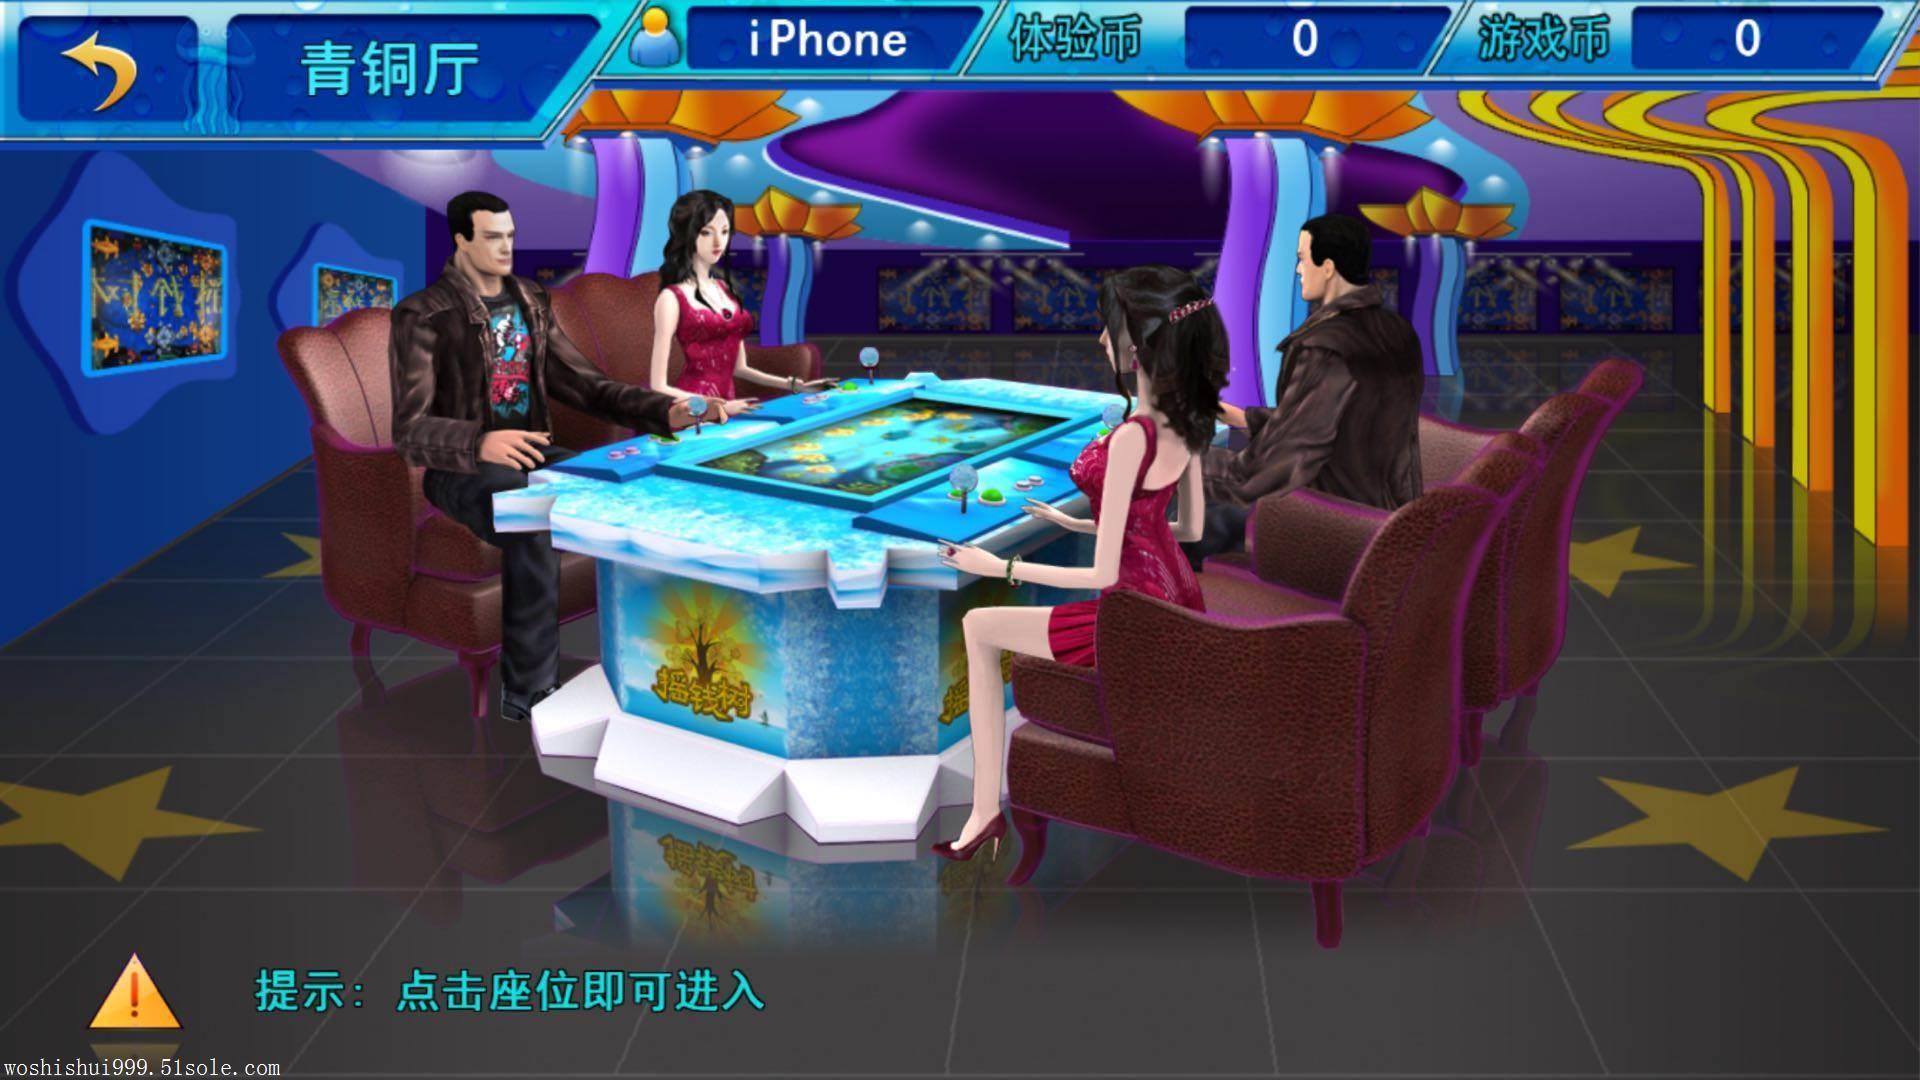 福建网络捕鱼游戏上下分怎么下载